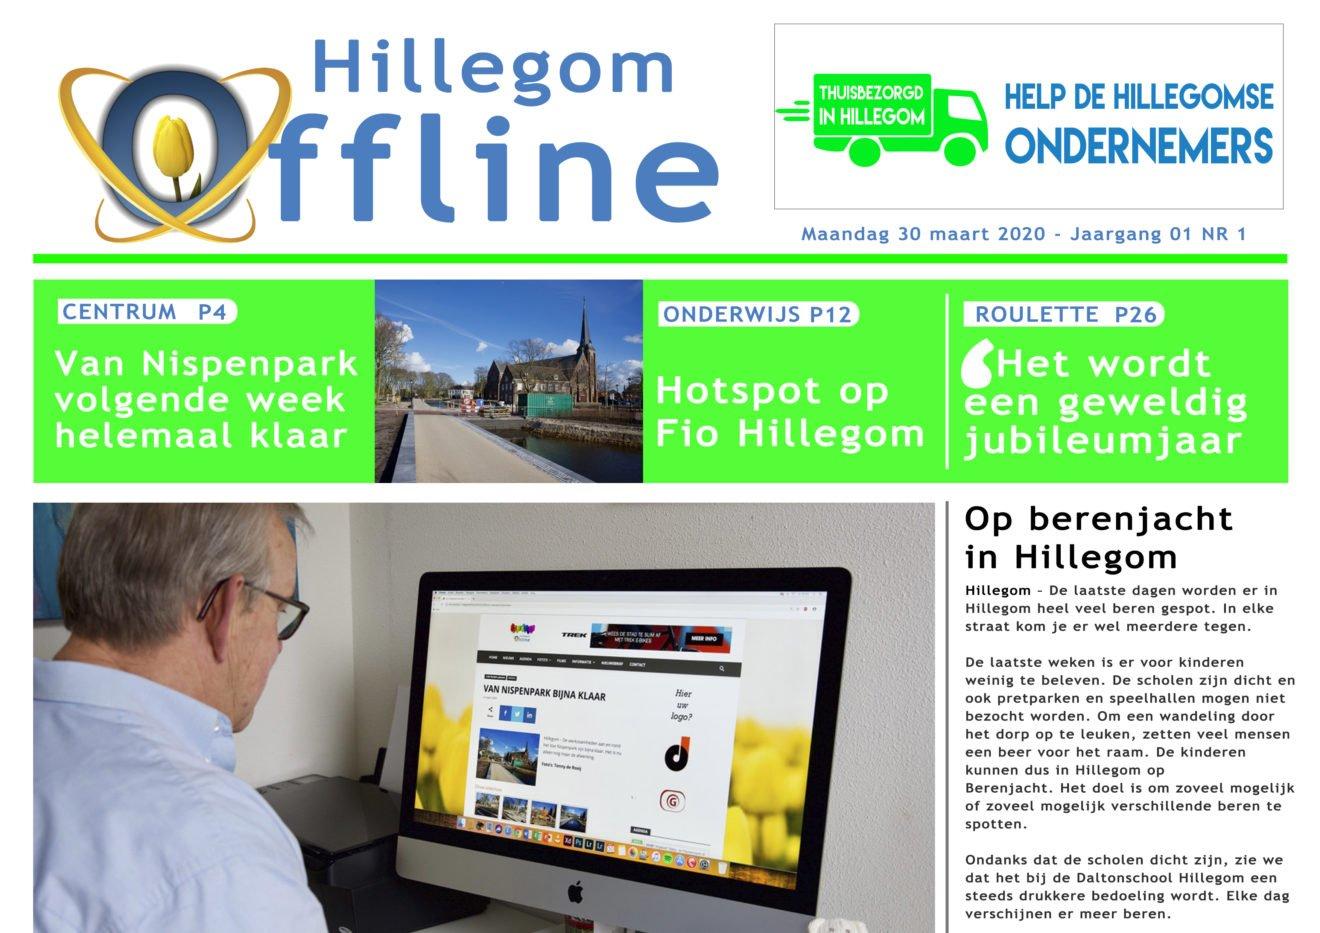 1 april: Hillegom Online gaat krant uitbrengen